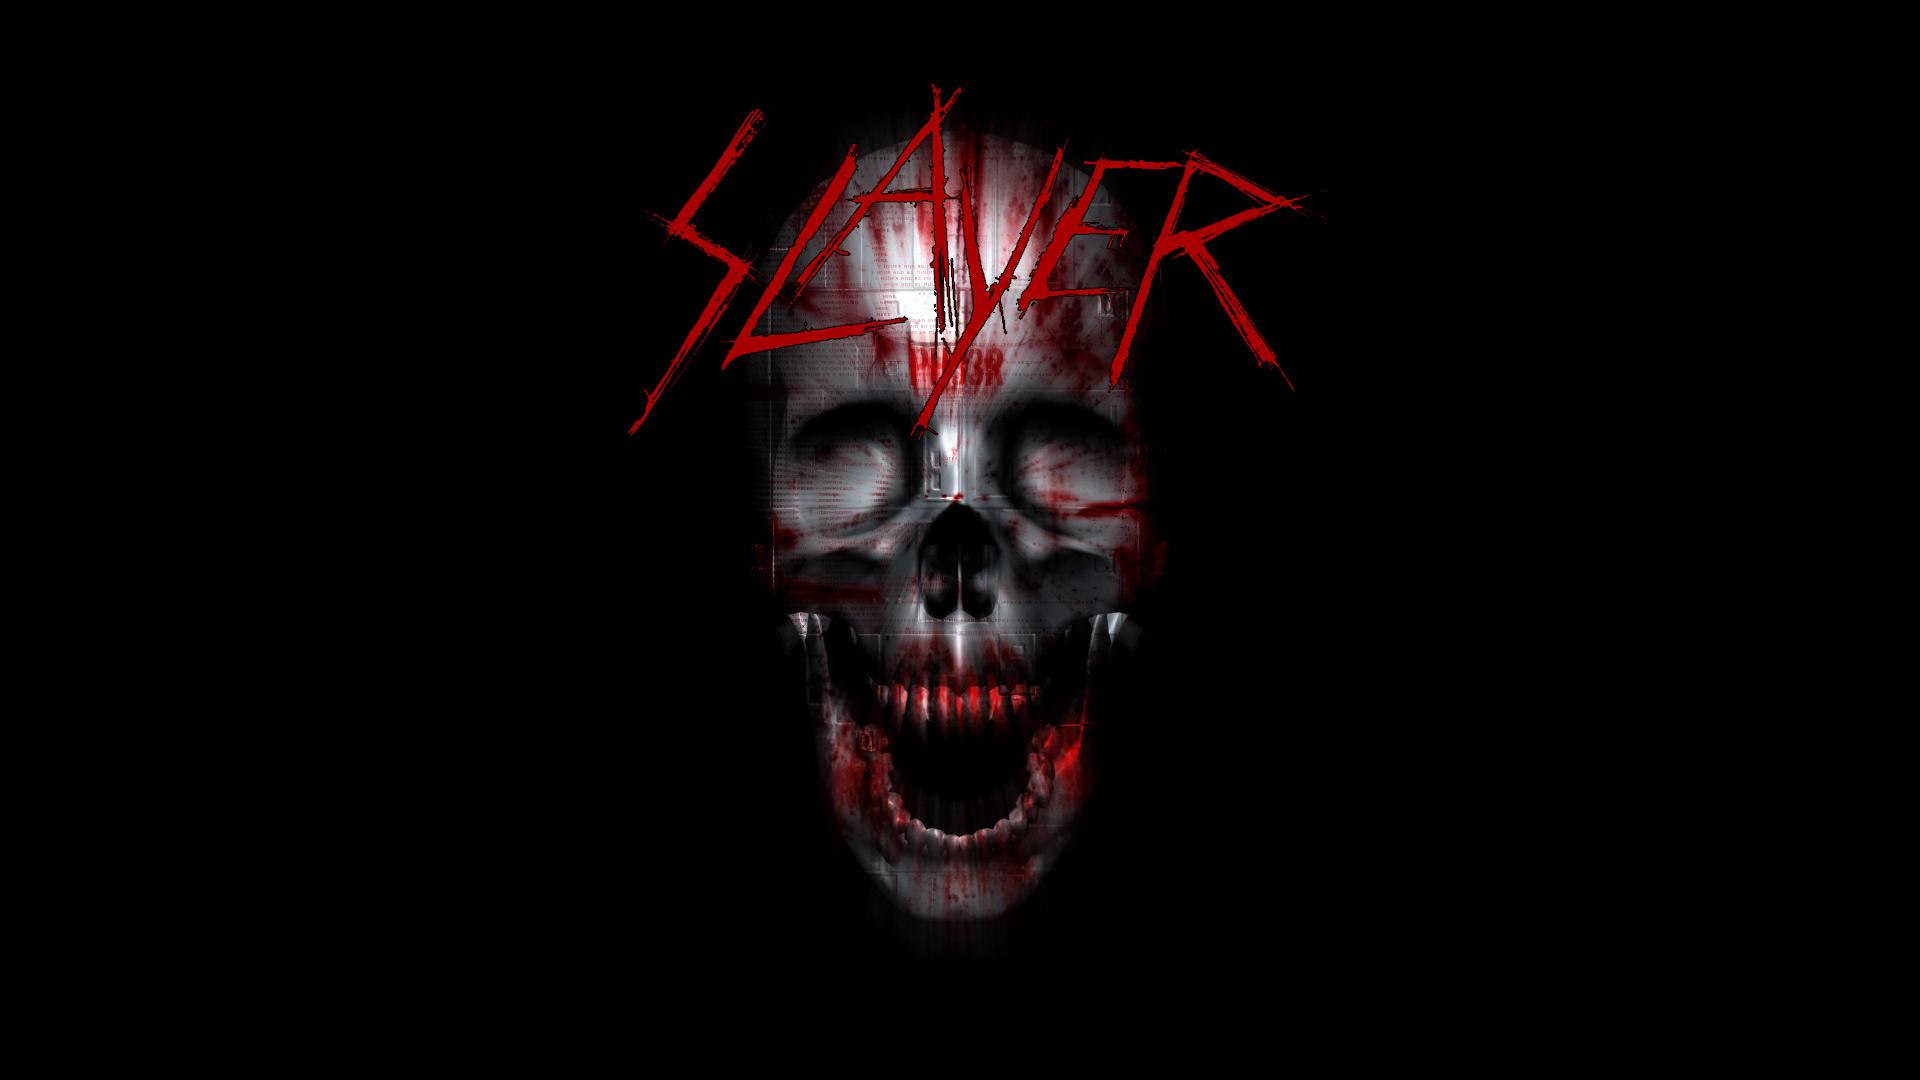 Slayer Computer Wallpapers Desktop Backgrounds 1920x1080